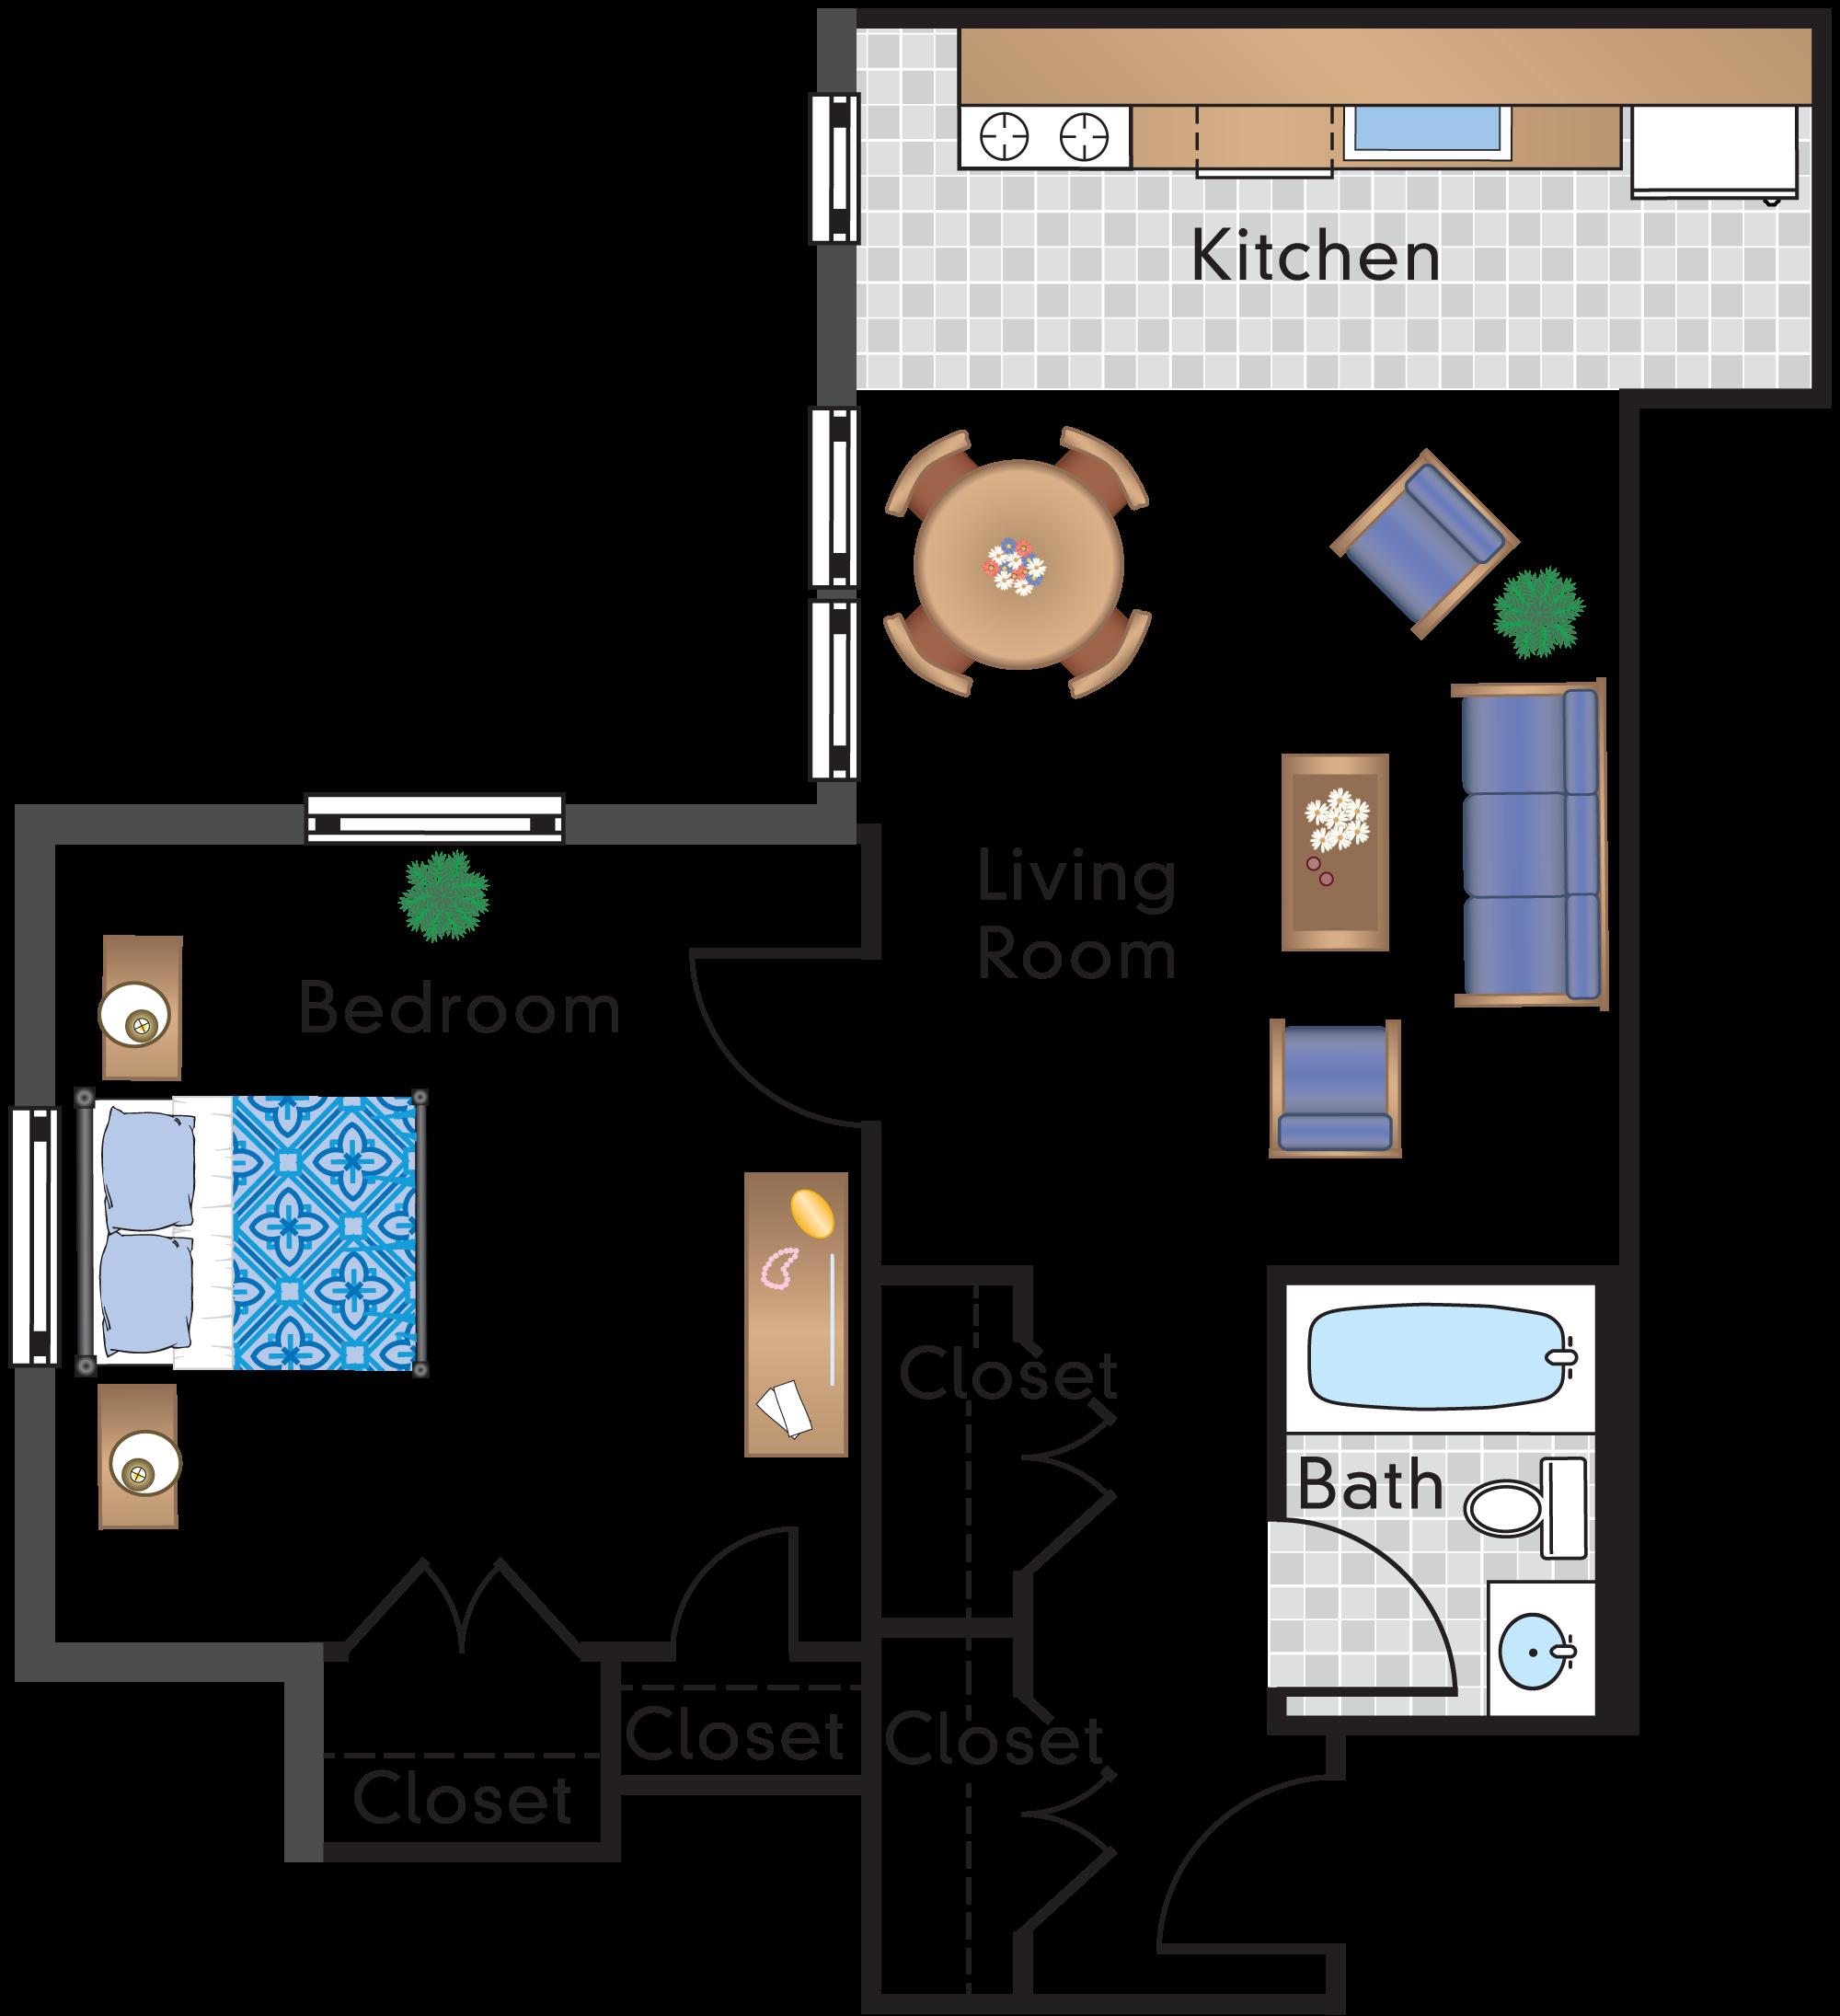 1 Bedroom 1 Bath Tier 01A